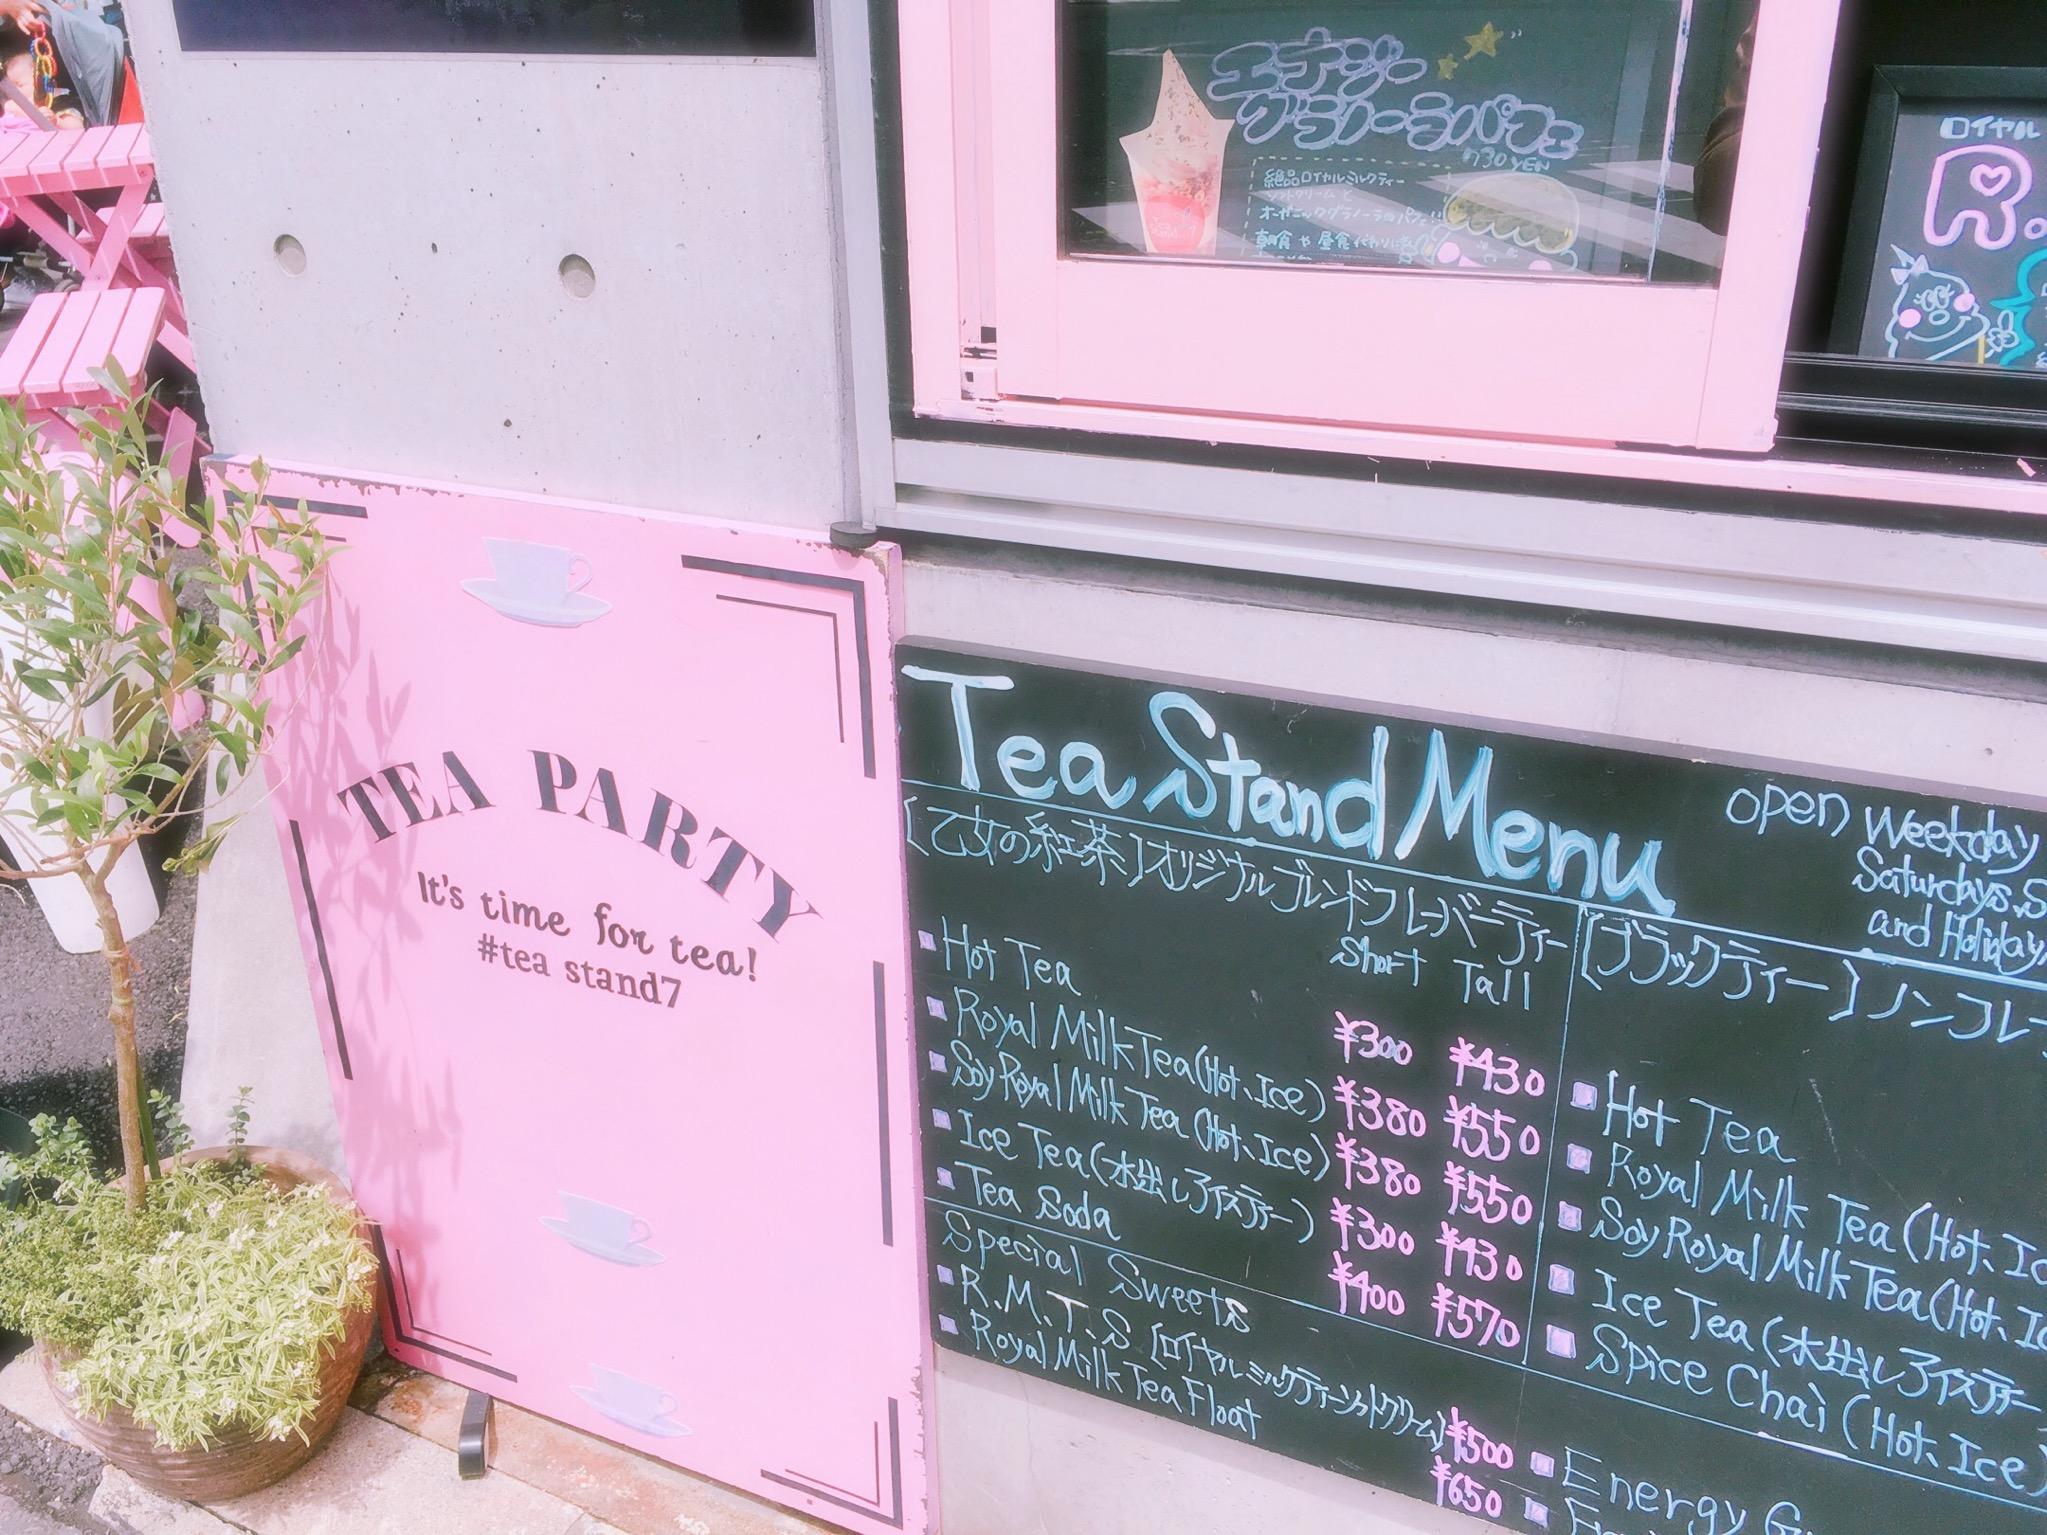 千駄ヶ谷&北参道(ダガヤサンドウ)の可愛いカフェの画像2